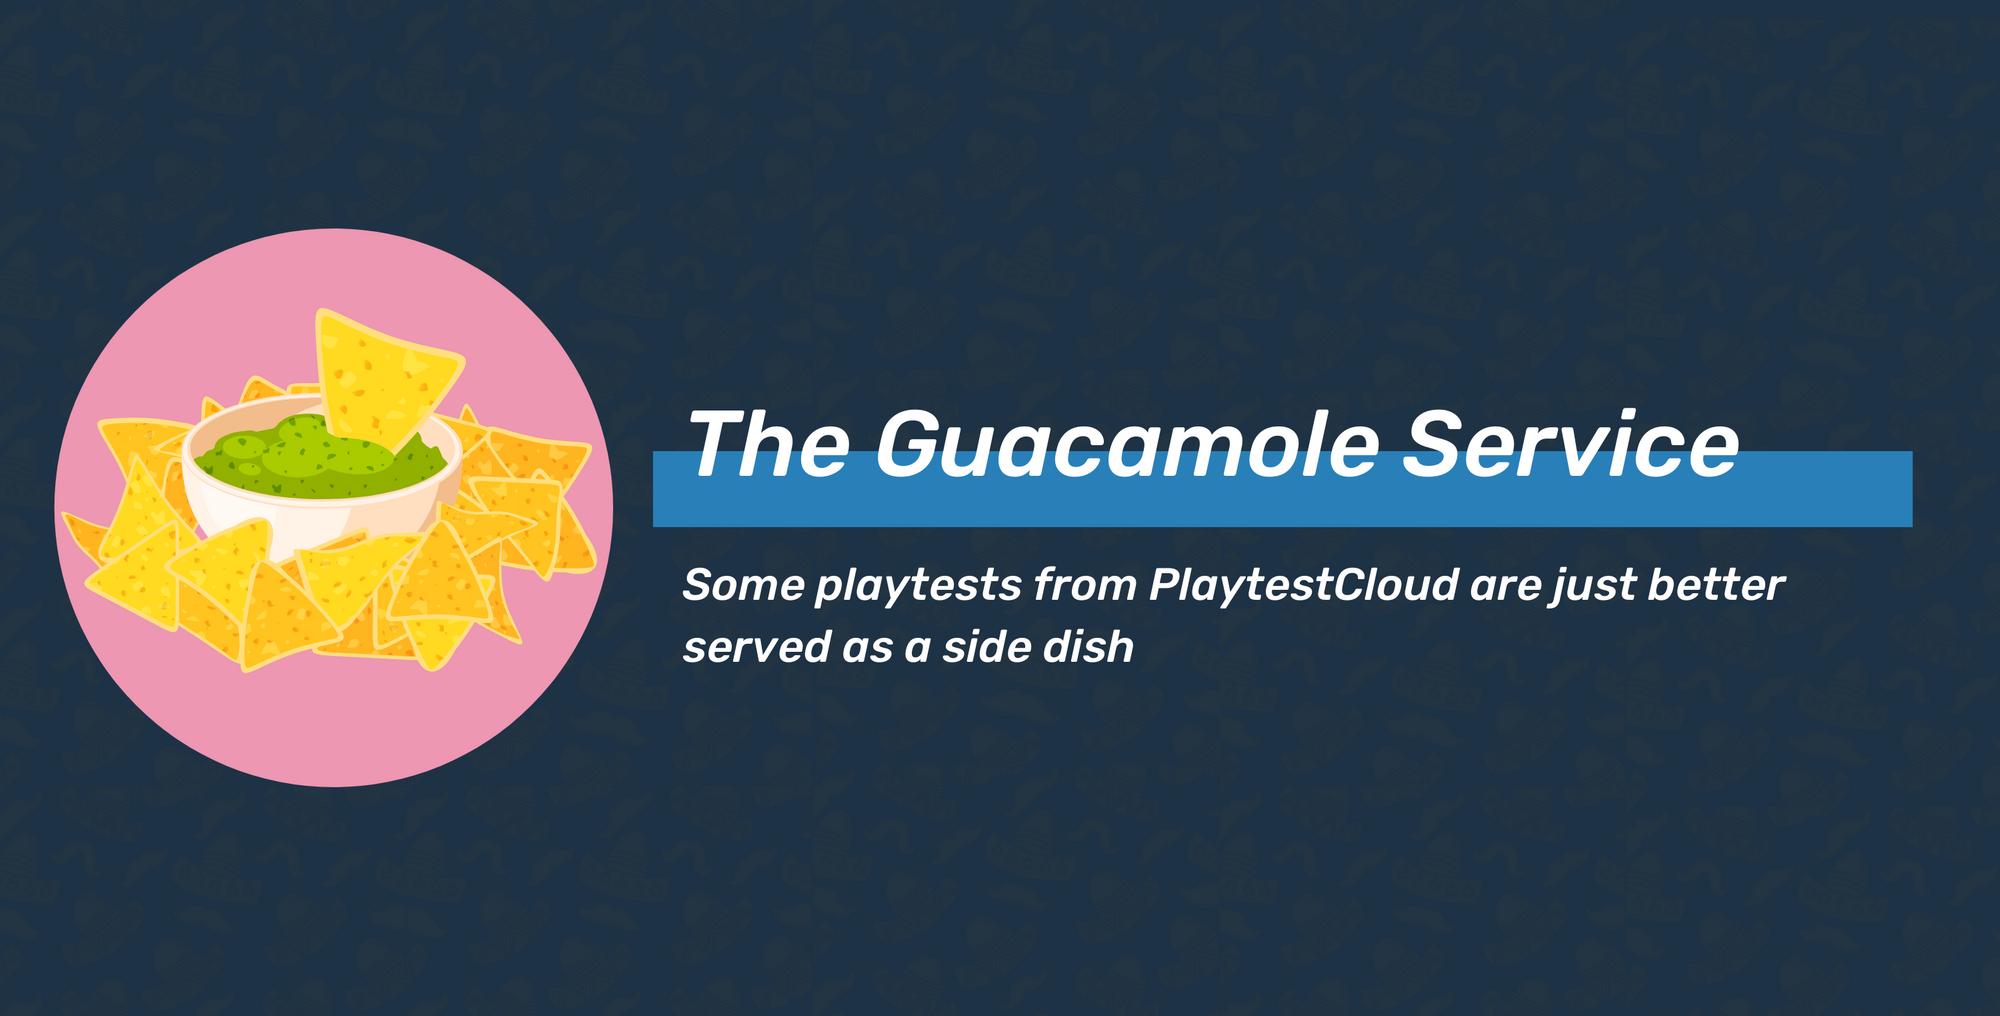 The Guacamole Service